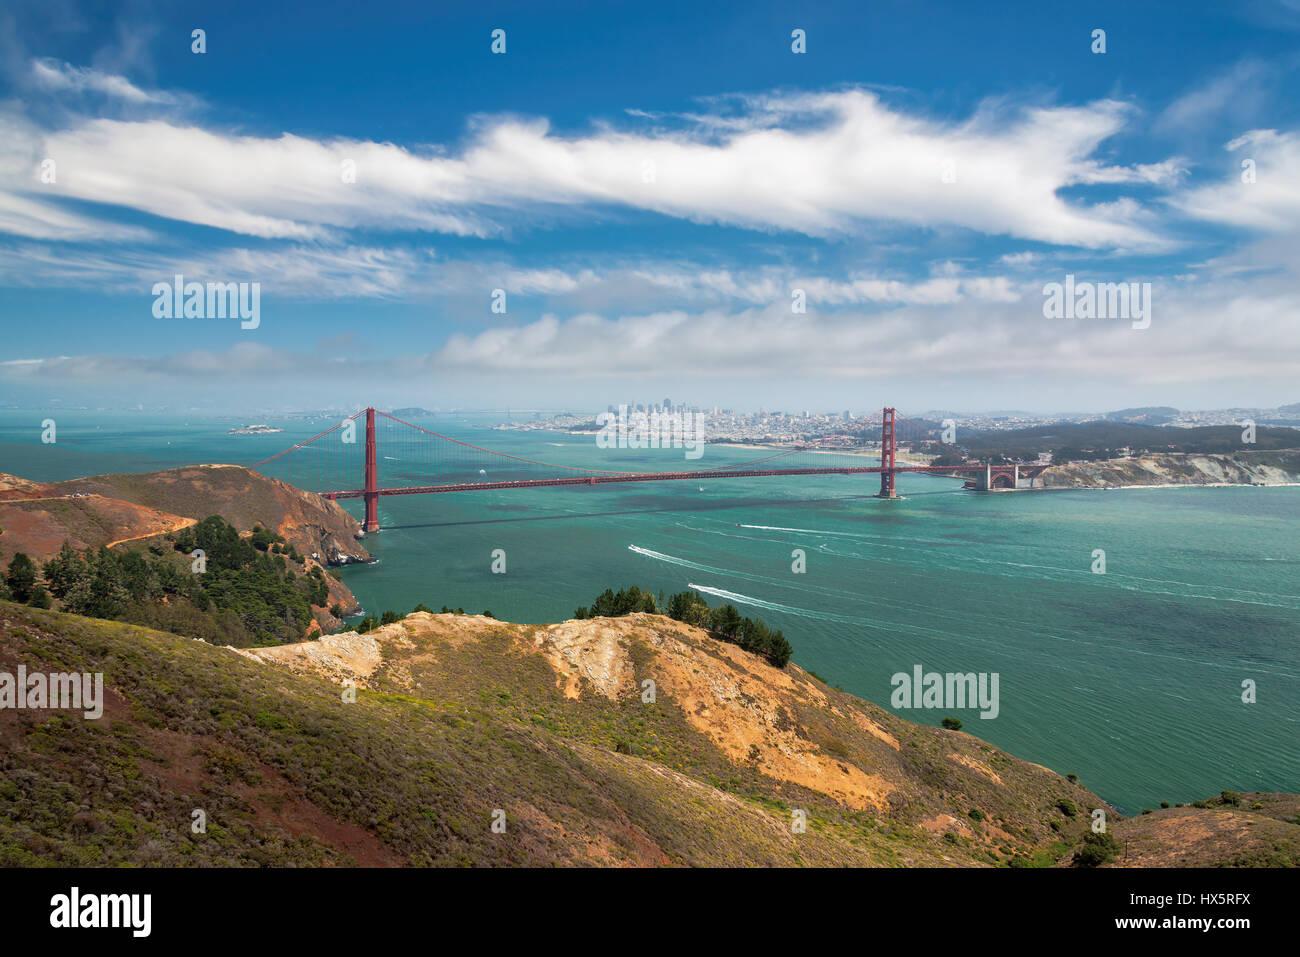 Skyline di San Francisco e il Golden Gate Bridge, California. Immagini Stock